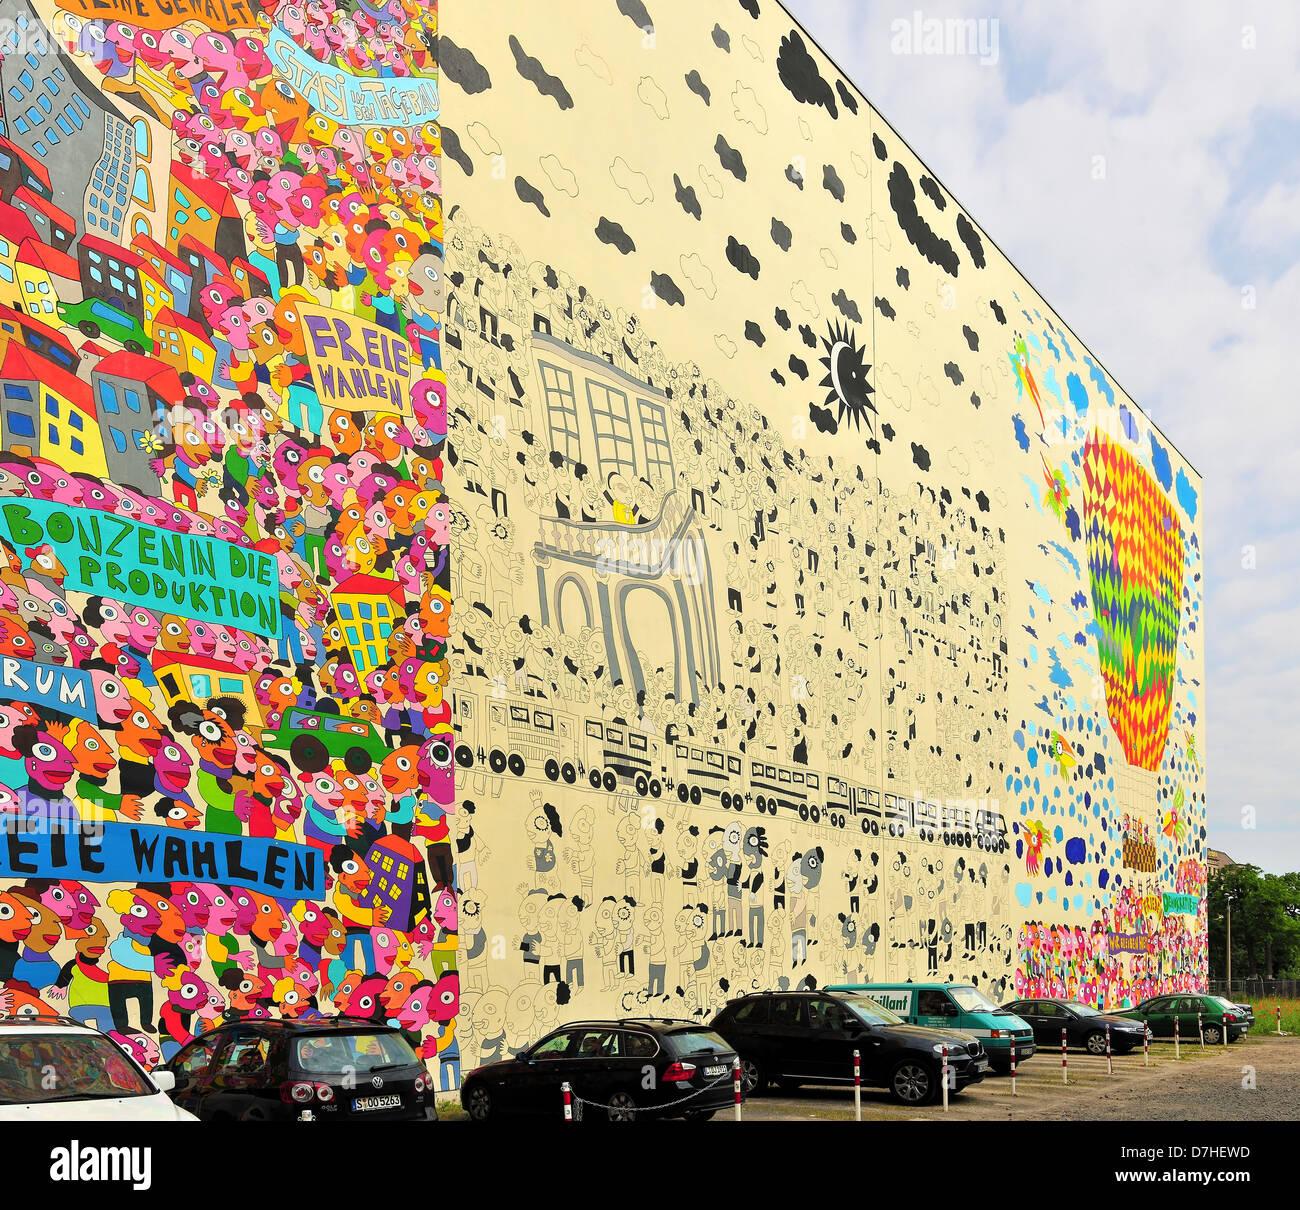 Fassaden-Malerei In Einem Haus In Leipzig Stockfoto, Bild